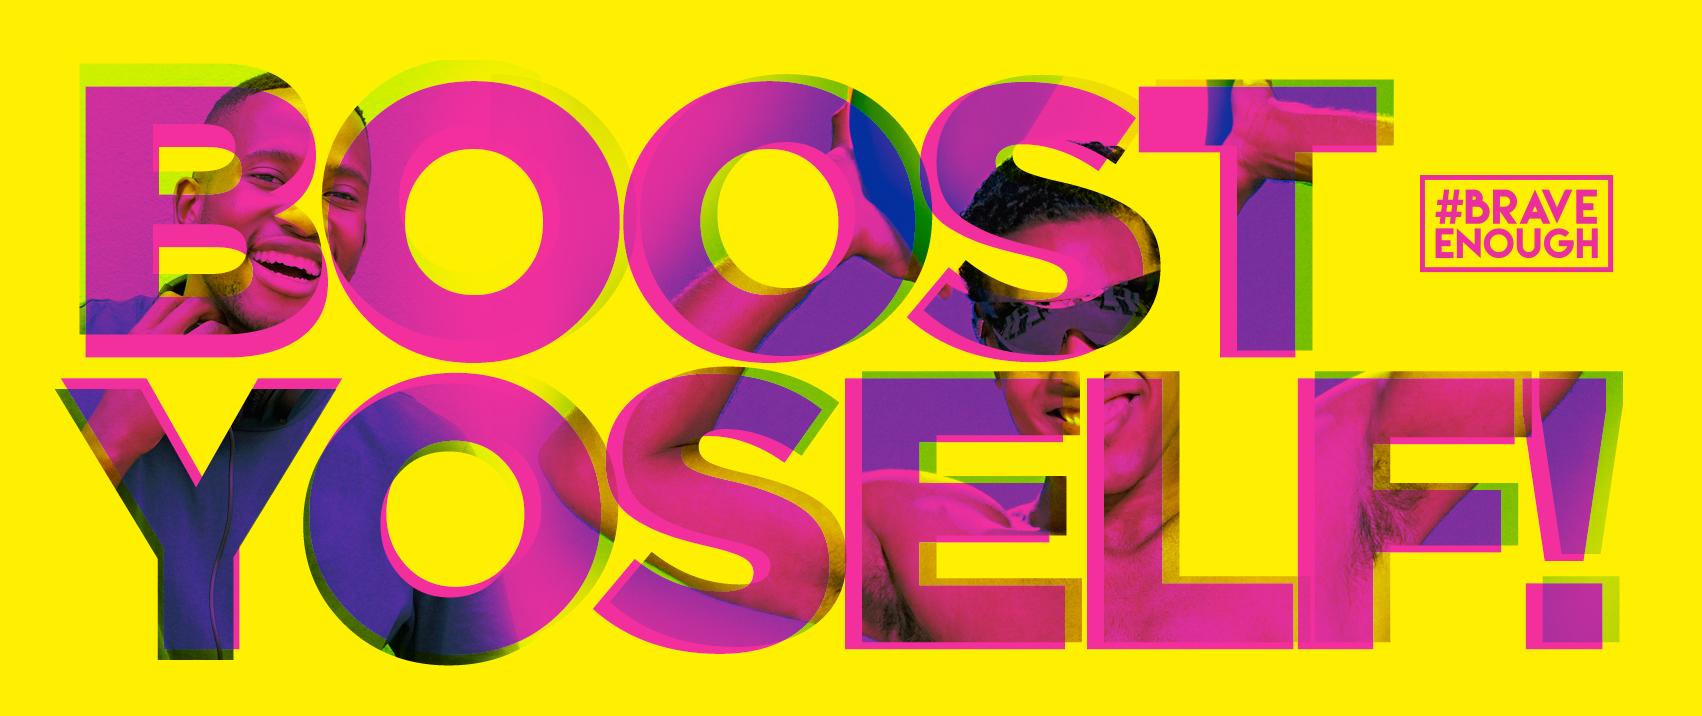 Boost Yoself!